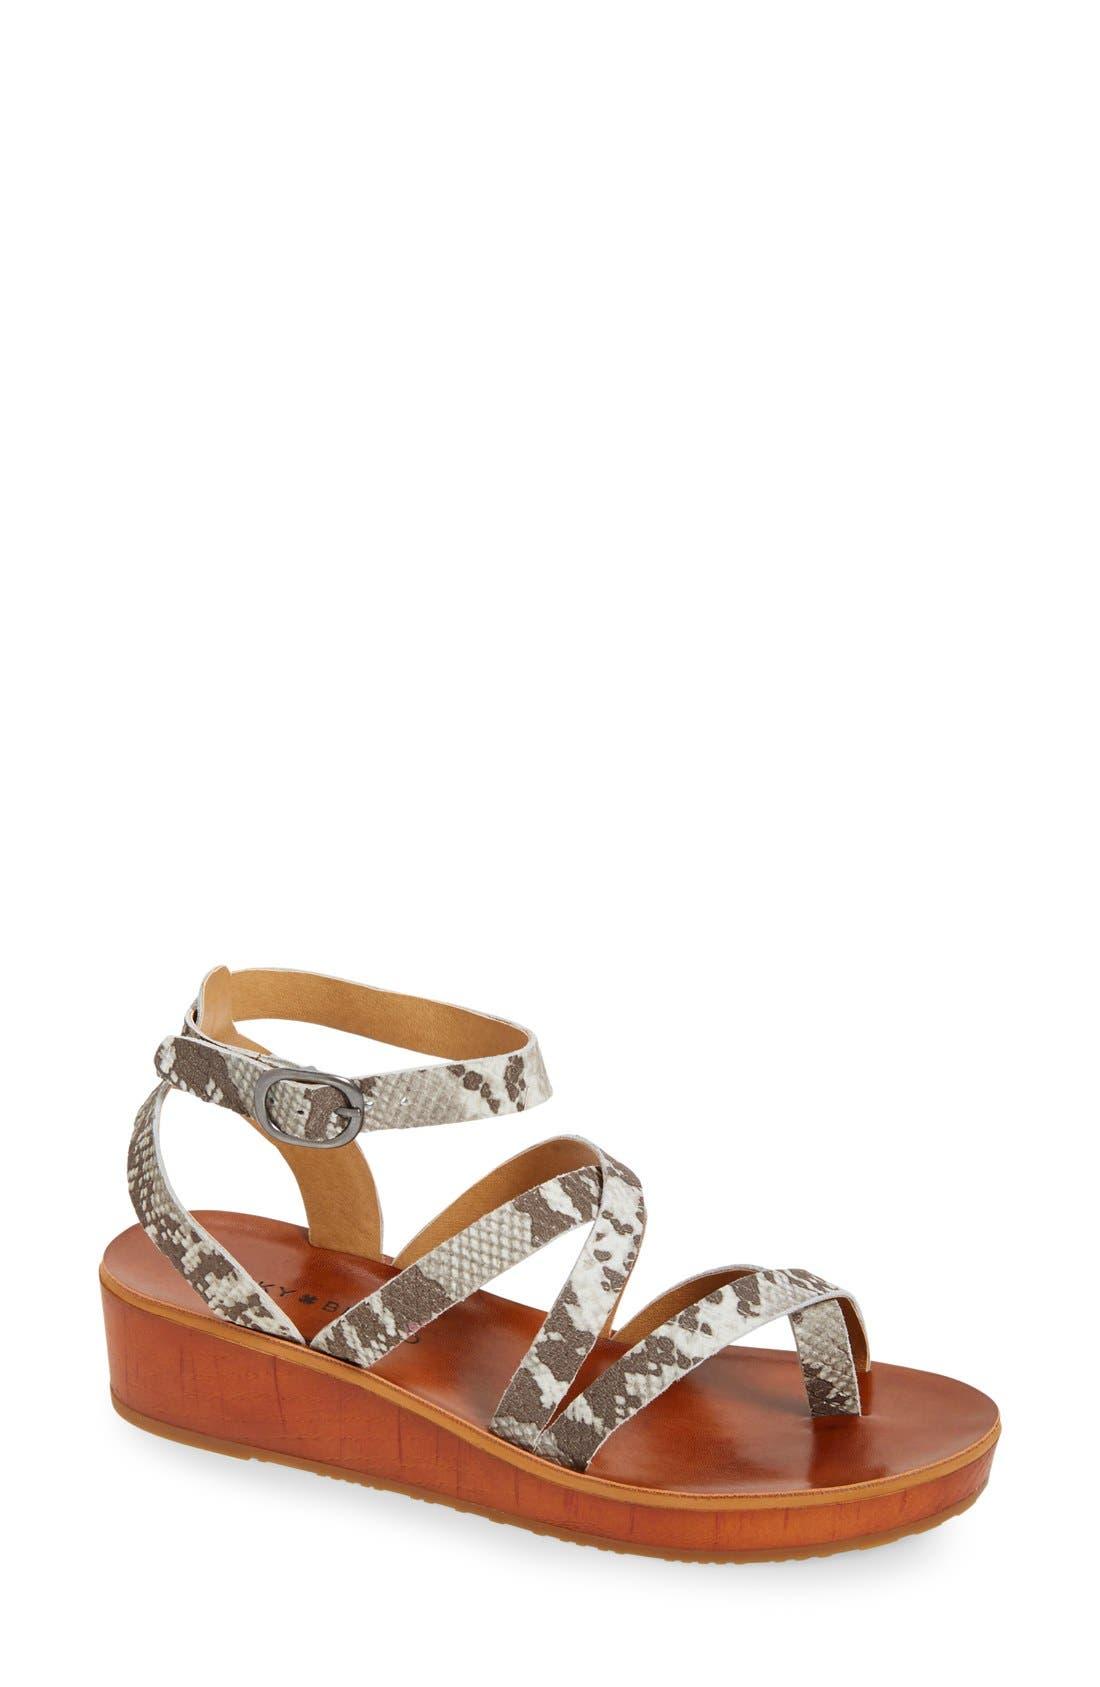 Alternate Image 1 Selected - Lucky Brand 'Honeyy' Platform Sandal (Women)